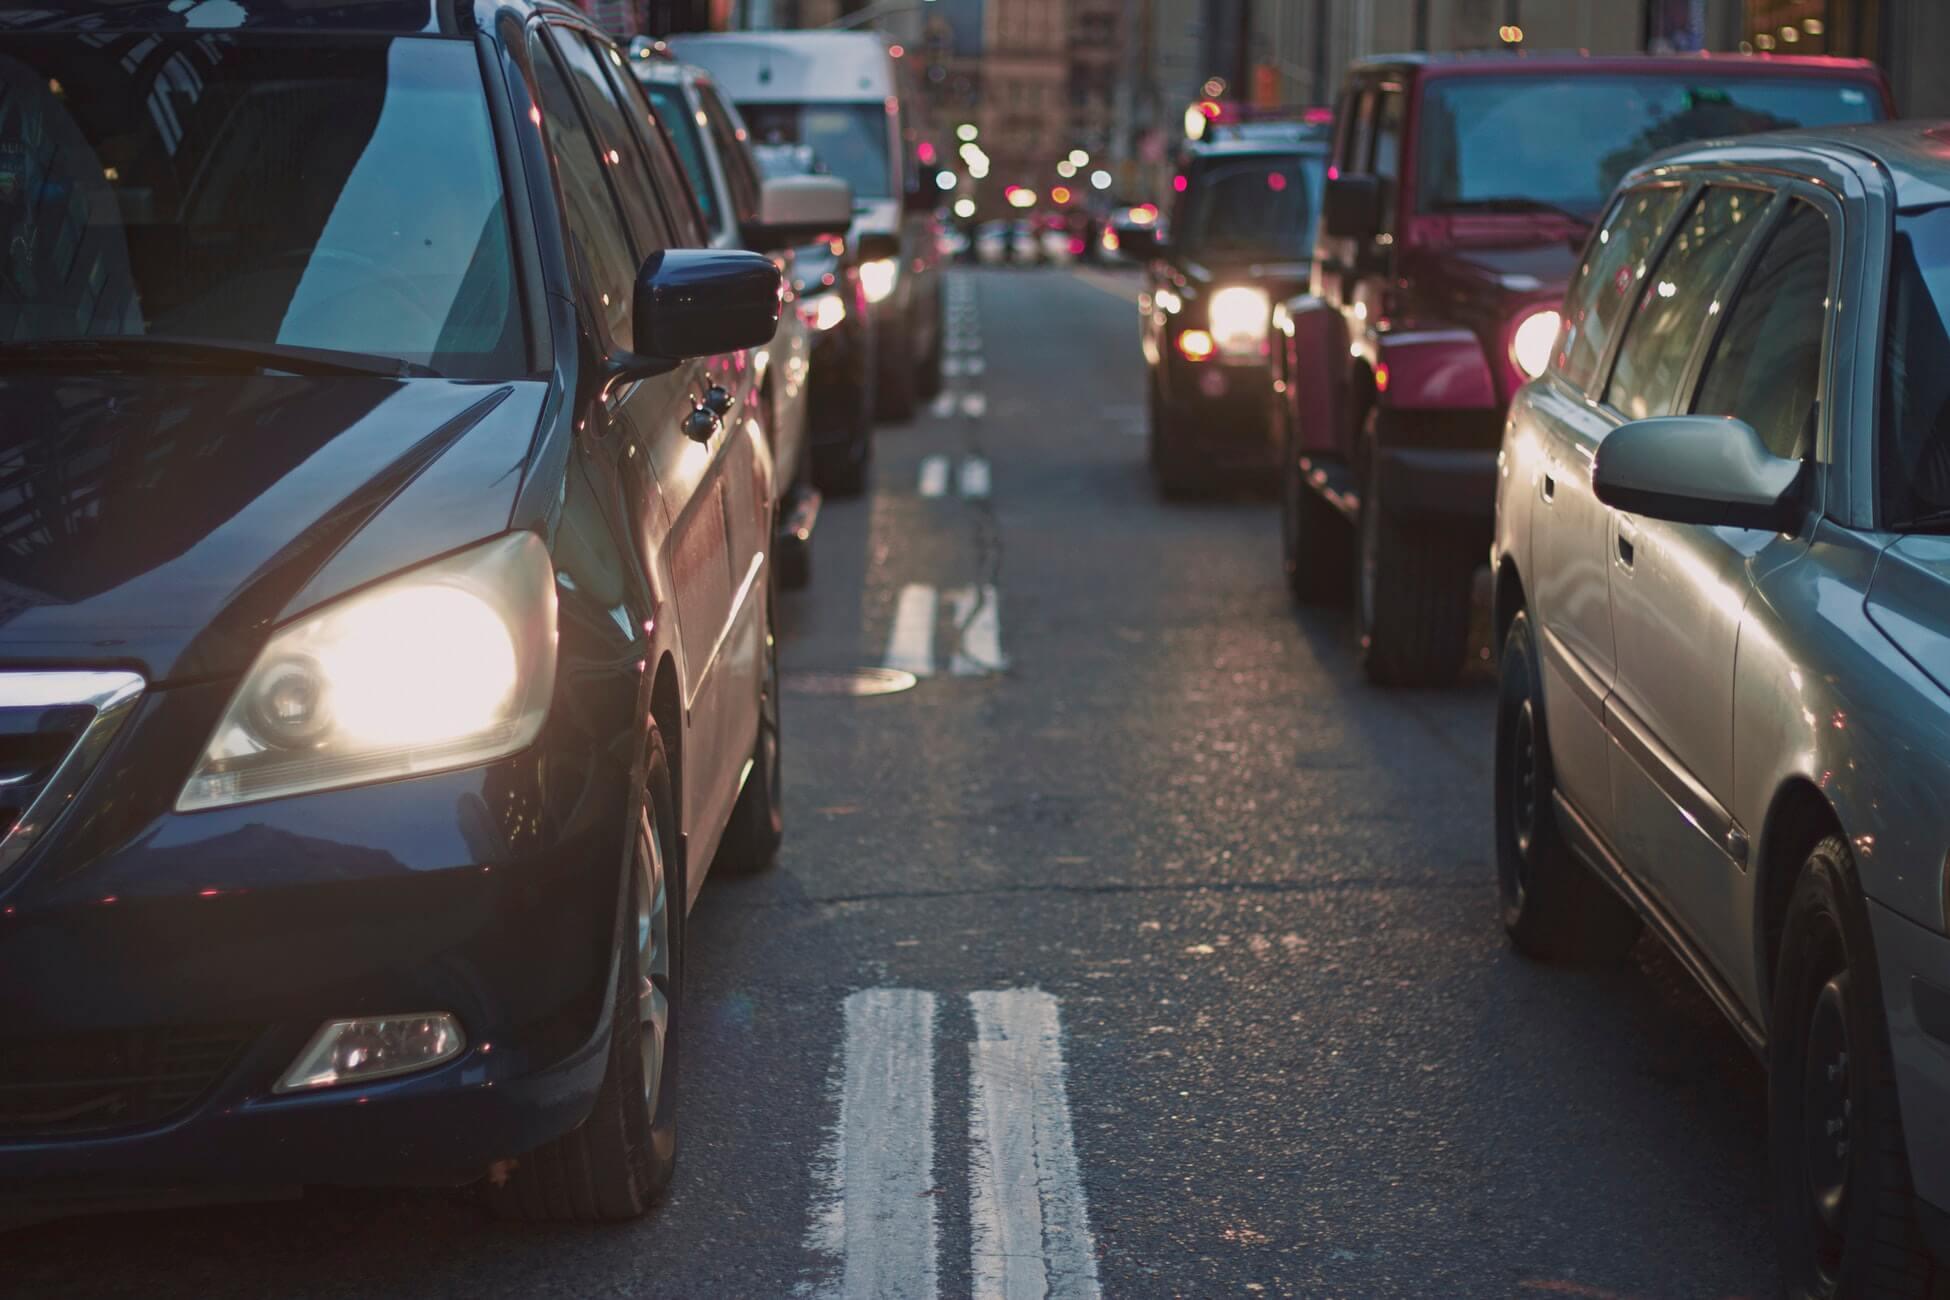 Disruptive ou Incrementale : Heetch, Careem, les nouveaux modèles de transport